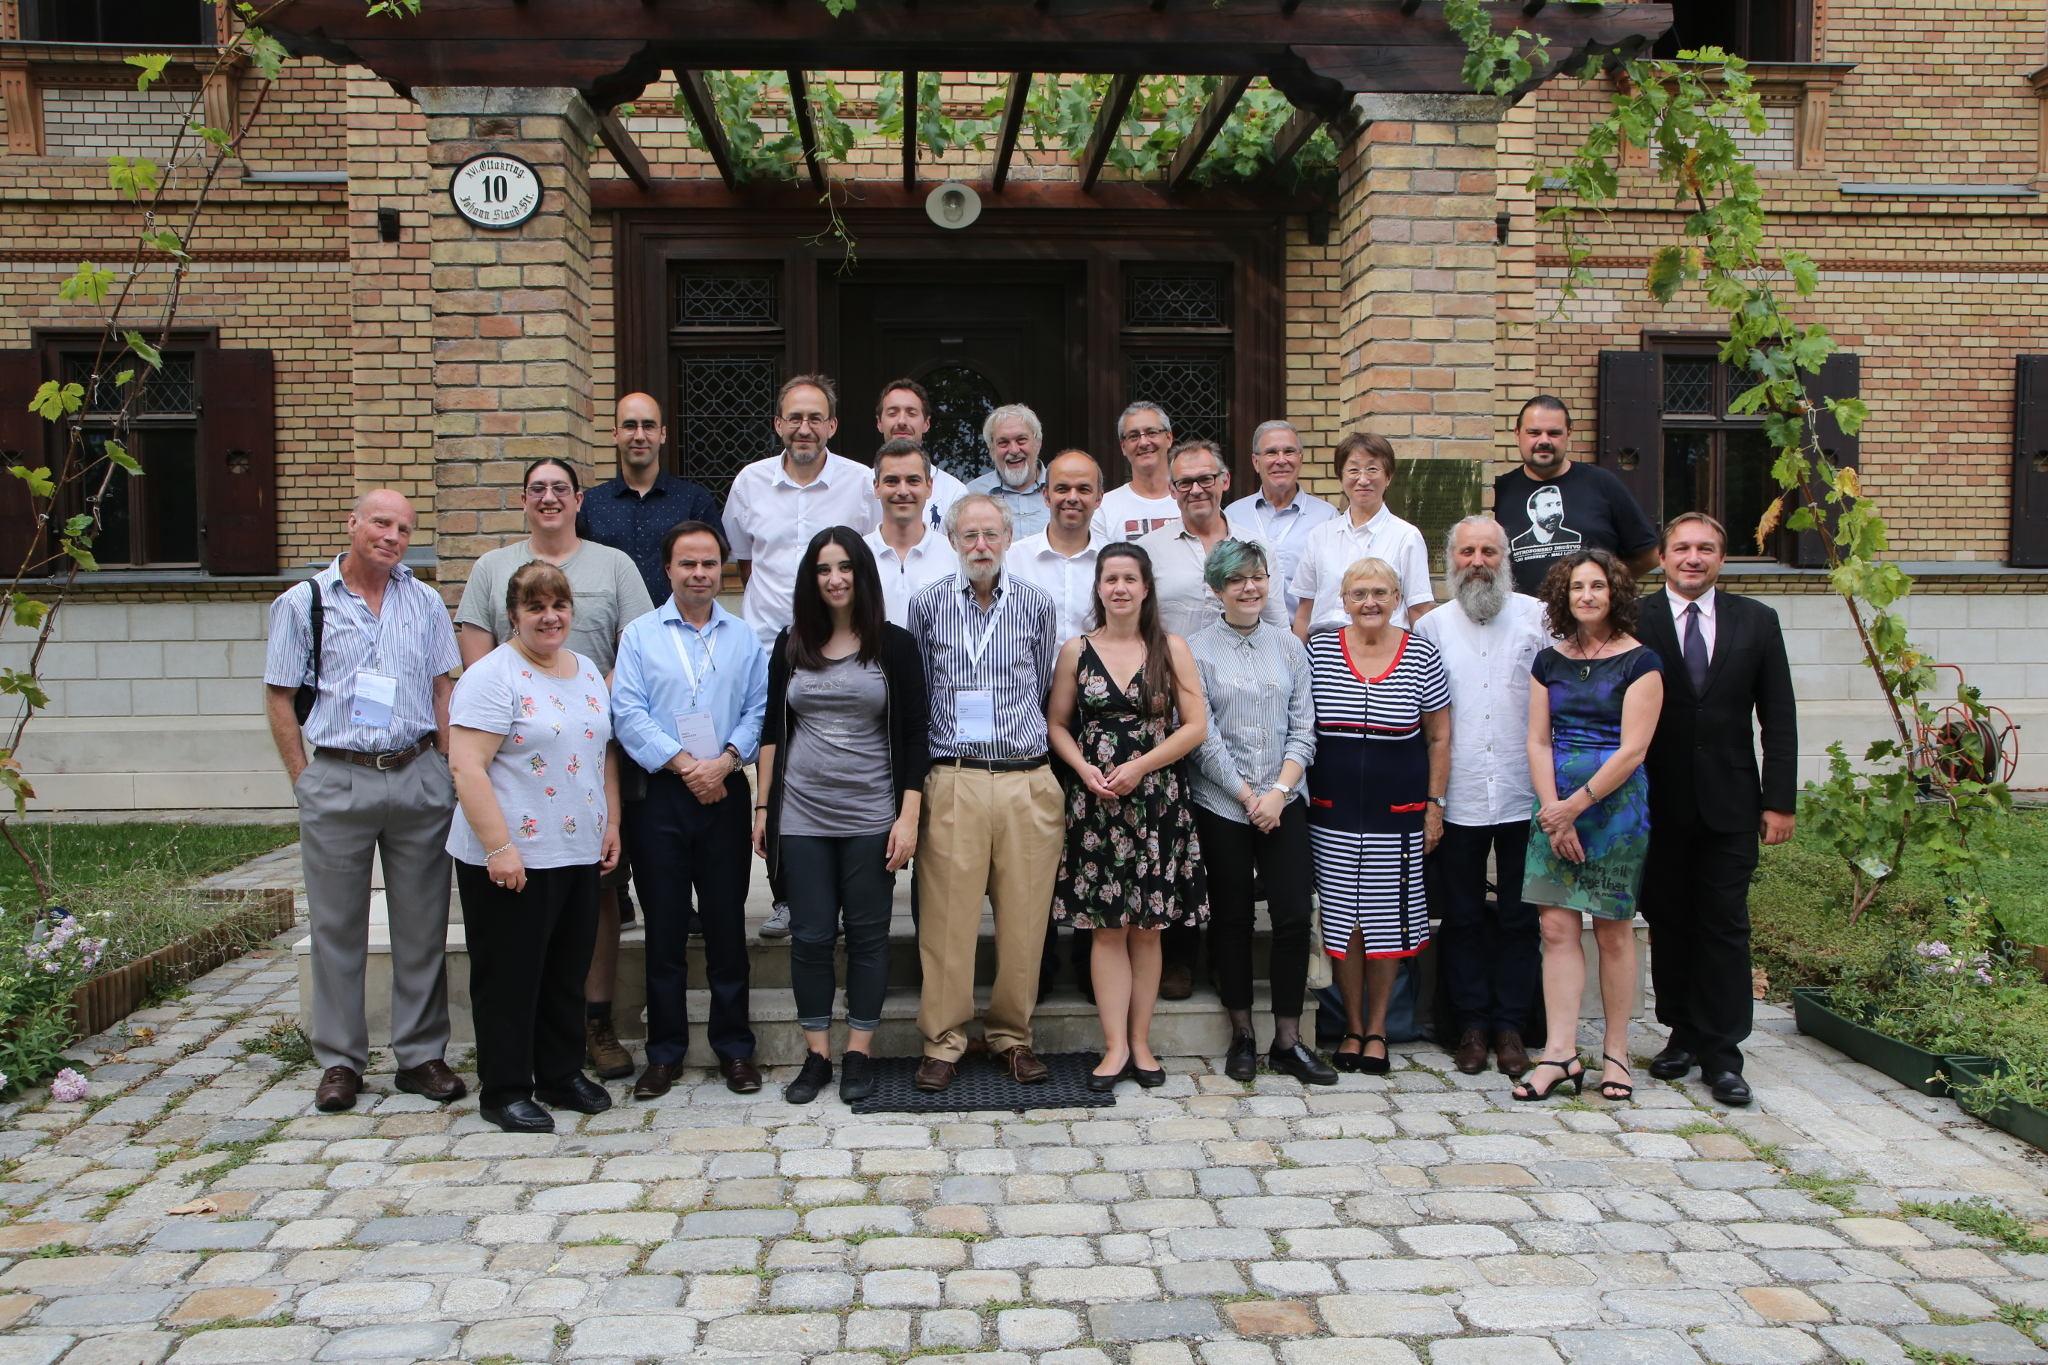 IAU/CIE (Beč) - Smanjenje svjetlosnog onečišćenja i radio smetnji kroz zaštitu područja i obrazovanje